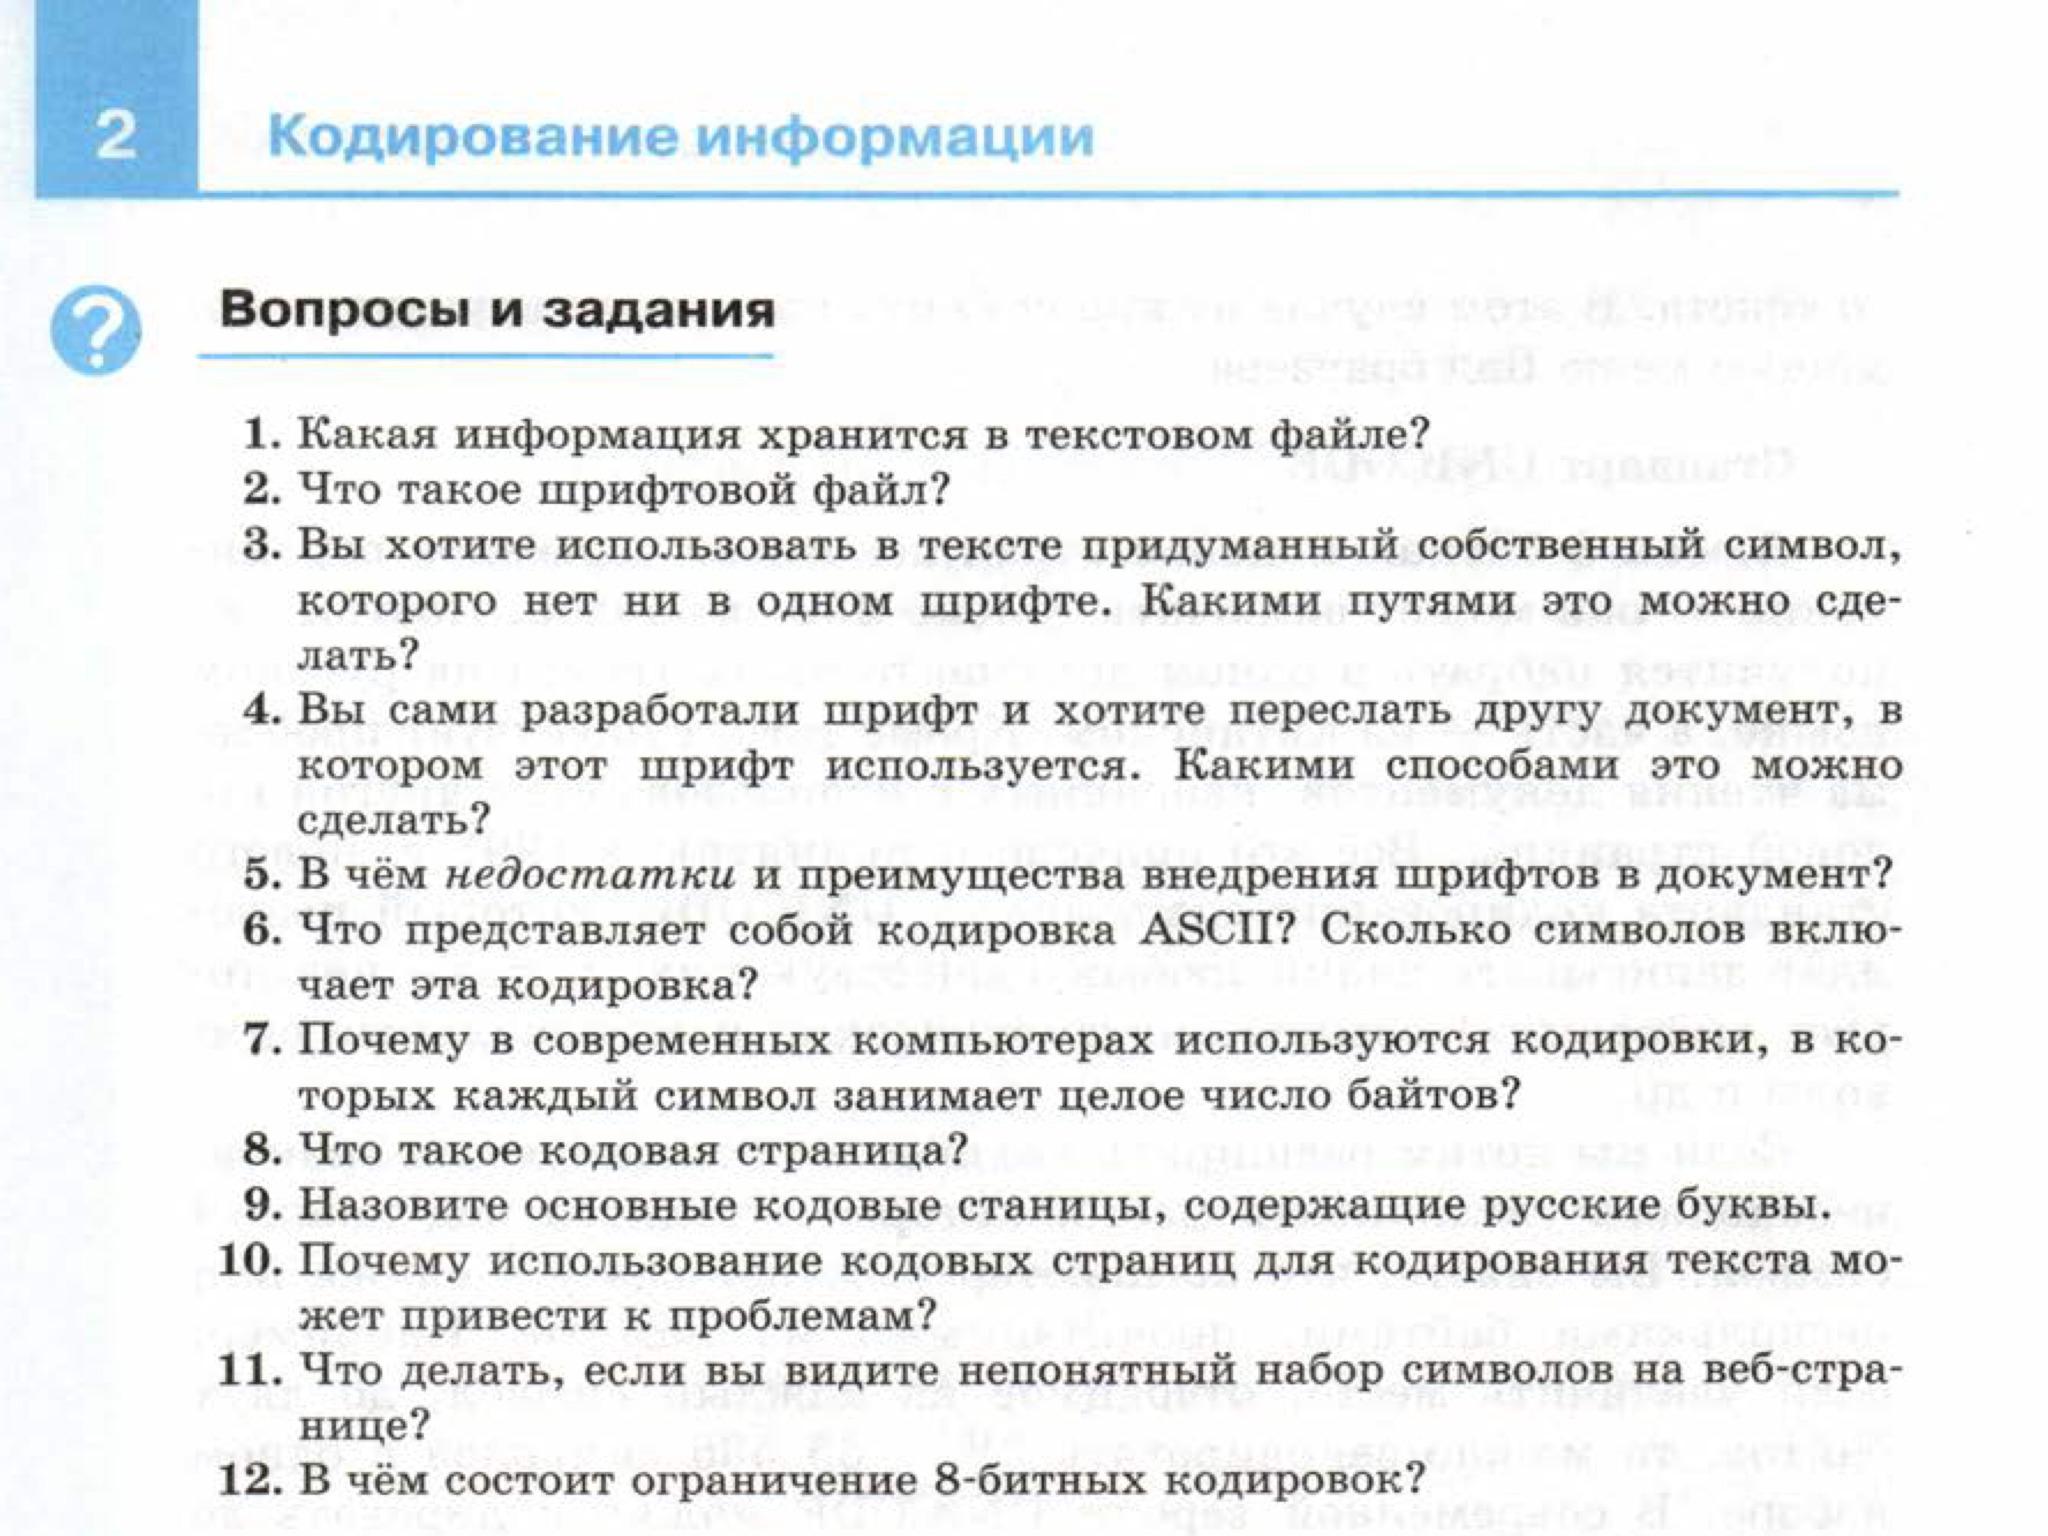 Ответы на вопросы по философии для поступающих в аспирантуру - 6a9a